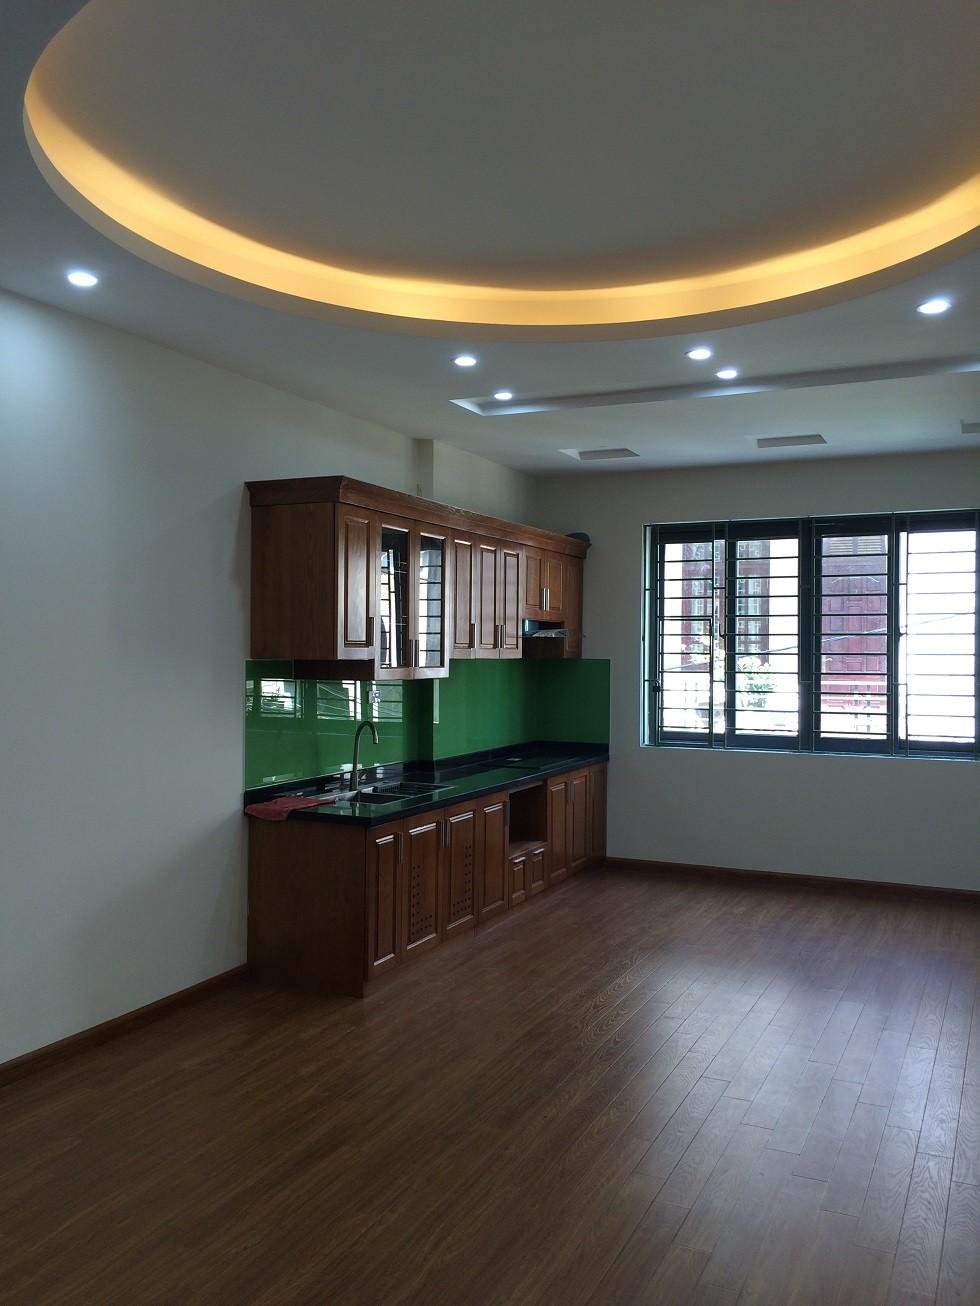 Bán nhà mới 5,5 tầng chia lô tại phố Nghĩa Đô, Hoàng Quốc Việt, Cầu Giấy, giá 8.2 tỷ. SĐCC Ảnh số 42130626